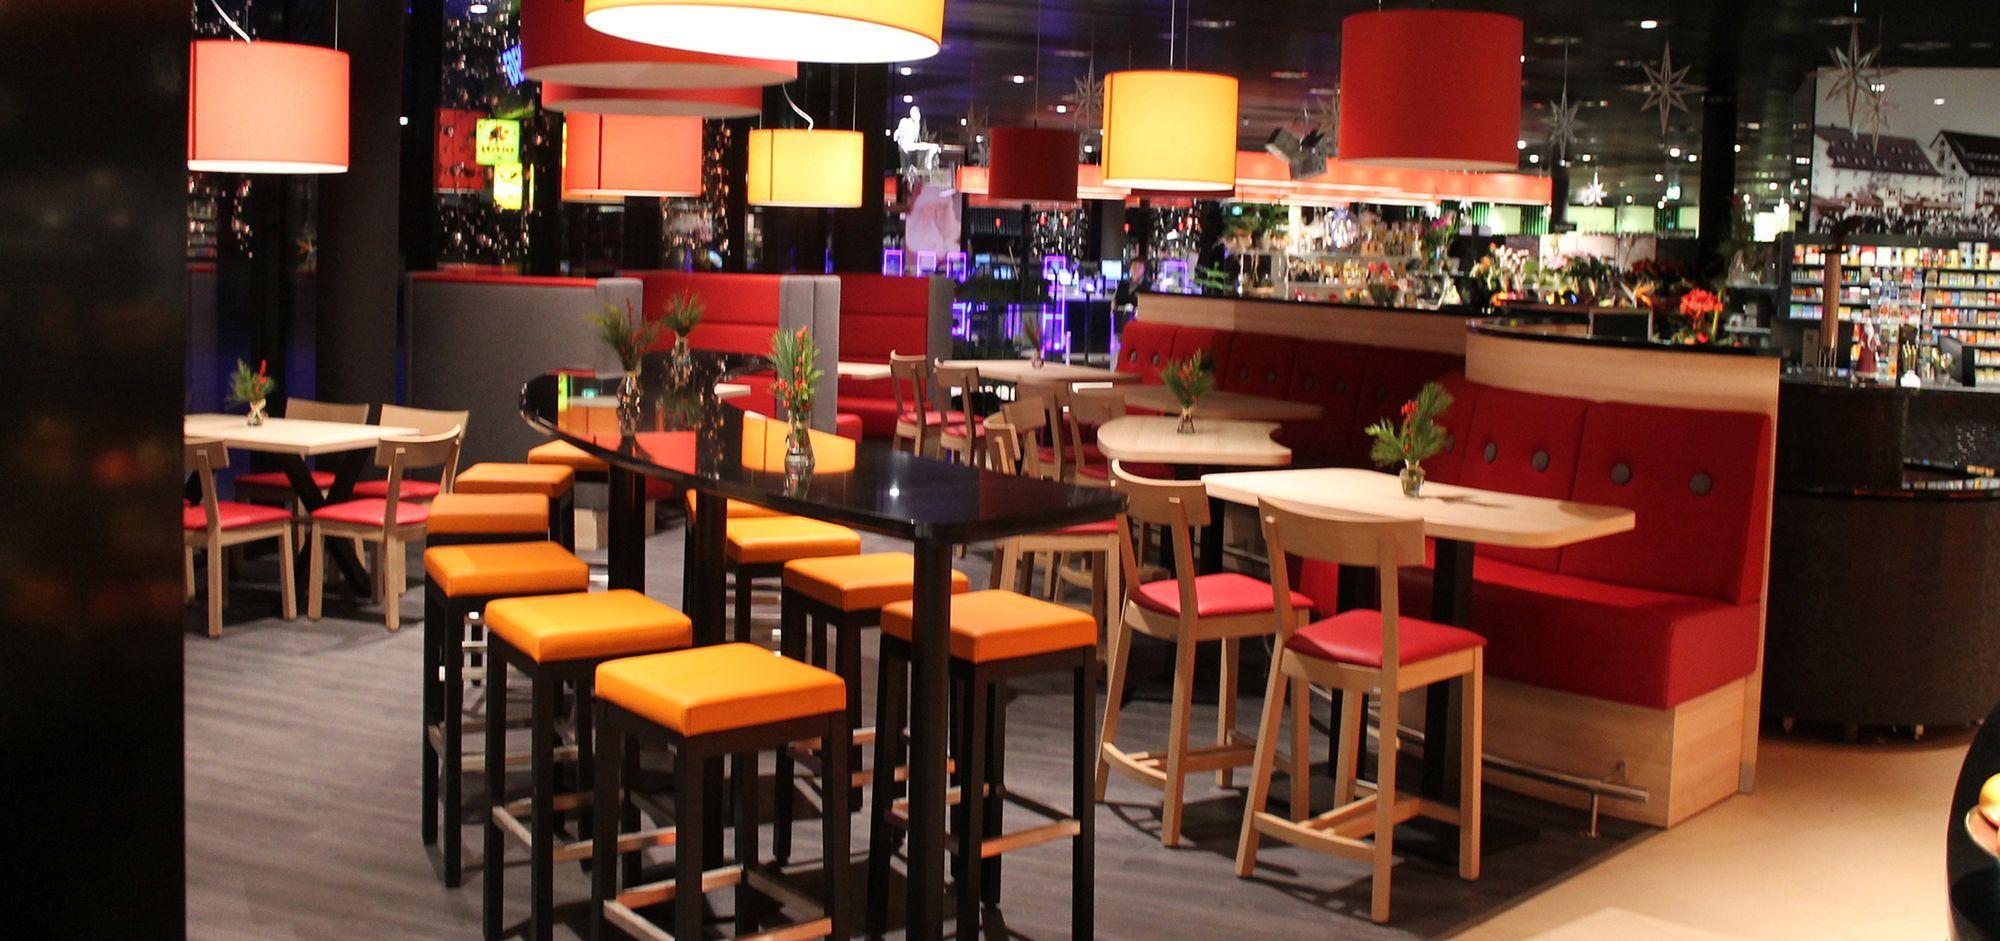 Einrichtung Gastronomie Edeka Waren. #Stühle, #Barhocker ...